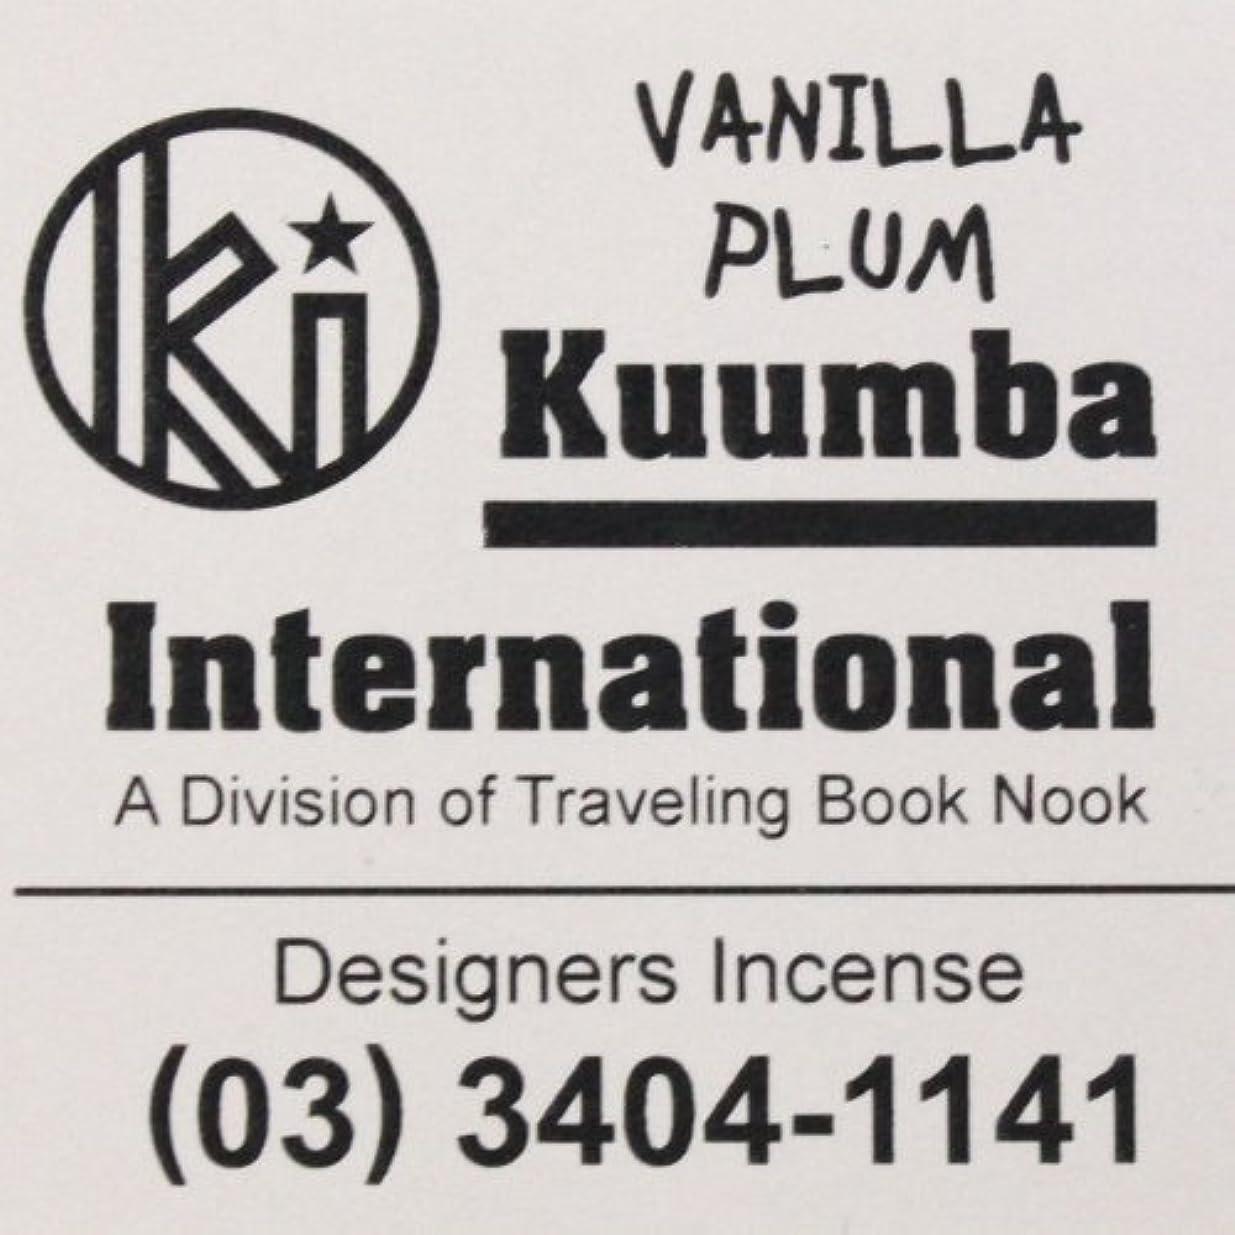 別々に増幅請求書KUUMBA (クンバ)『incense』(VANILLA PLUM) (Regular size)